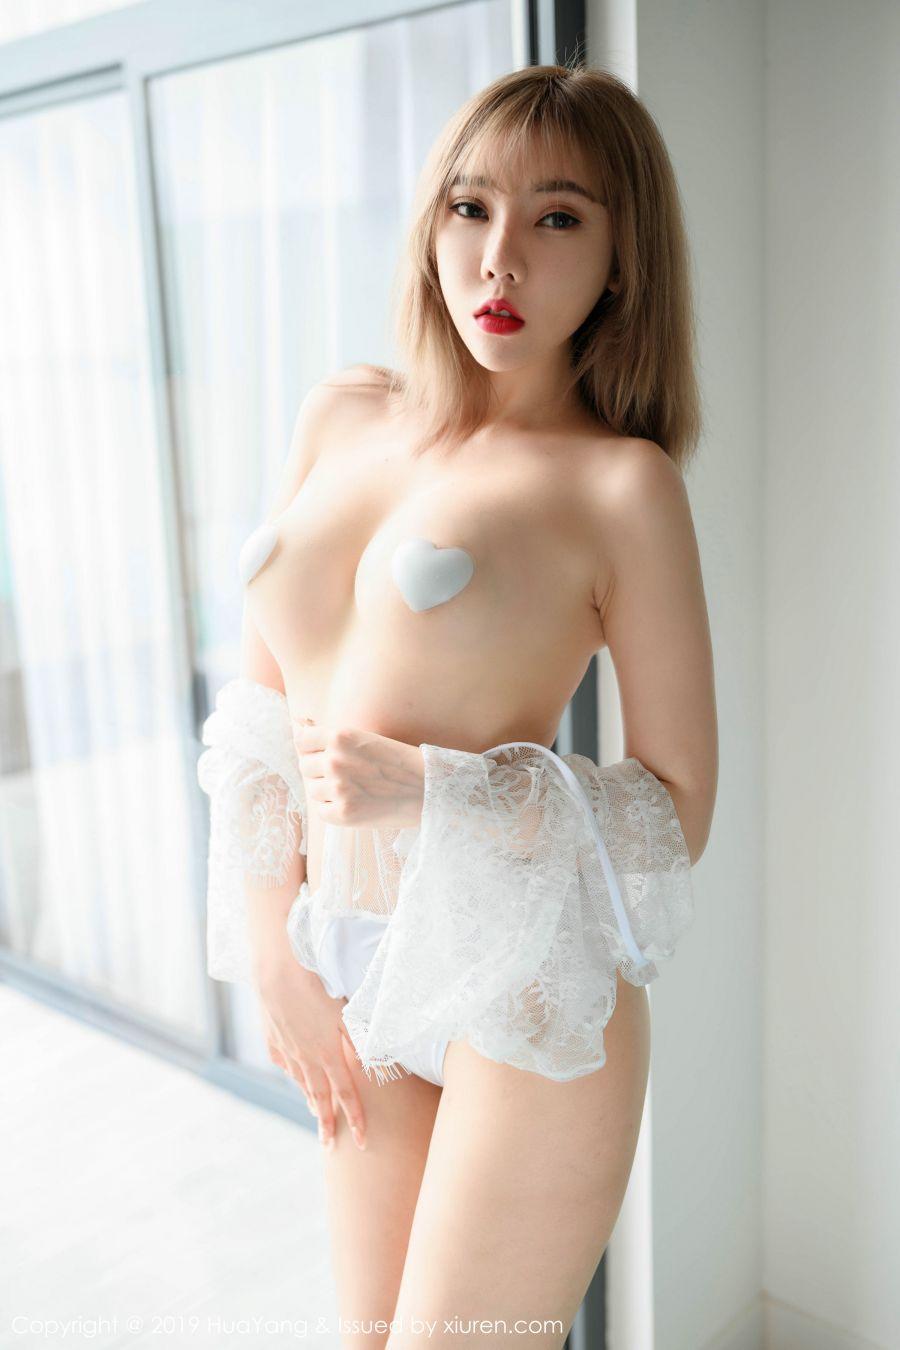 性感镂空内衣下凹凸别致惹火身材